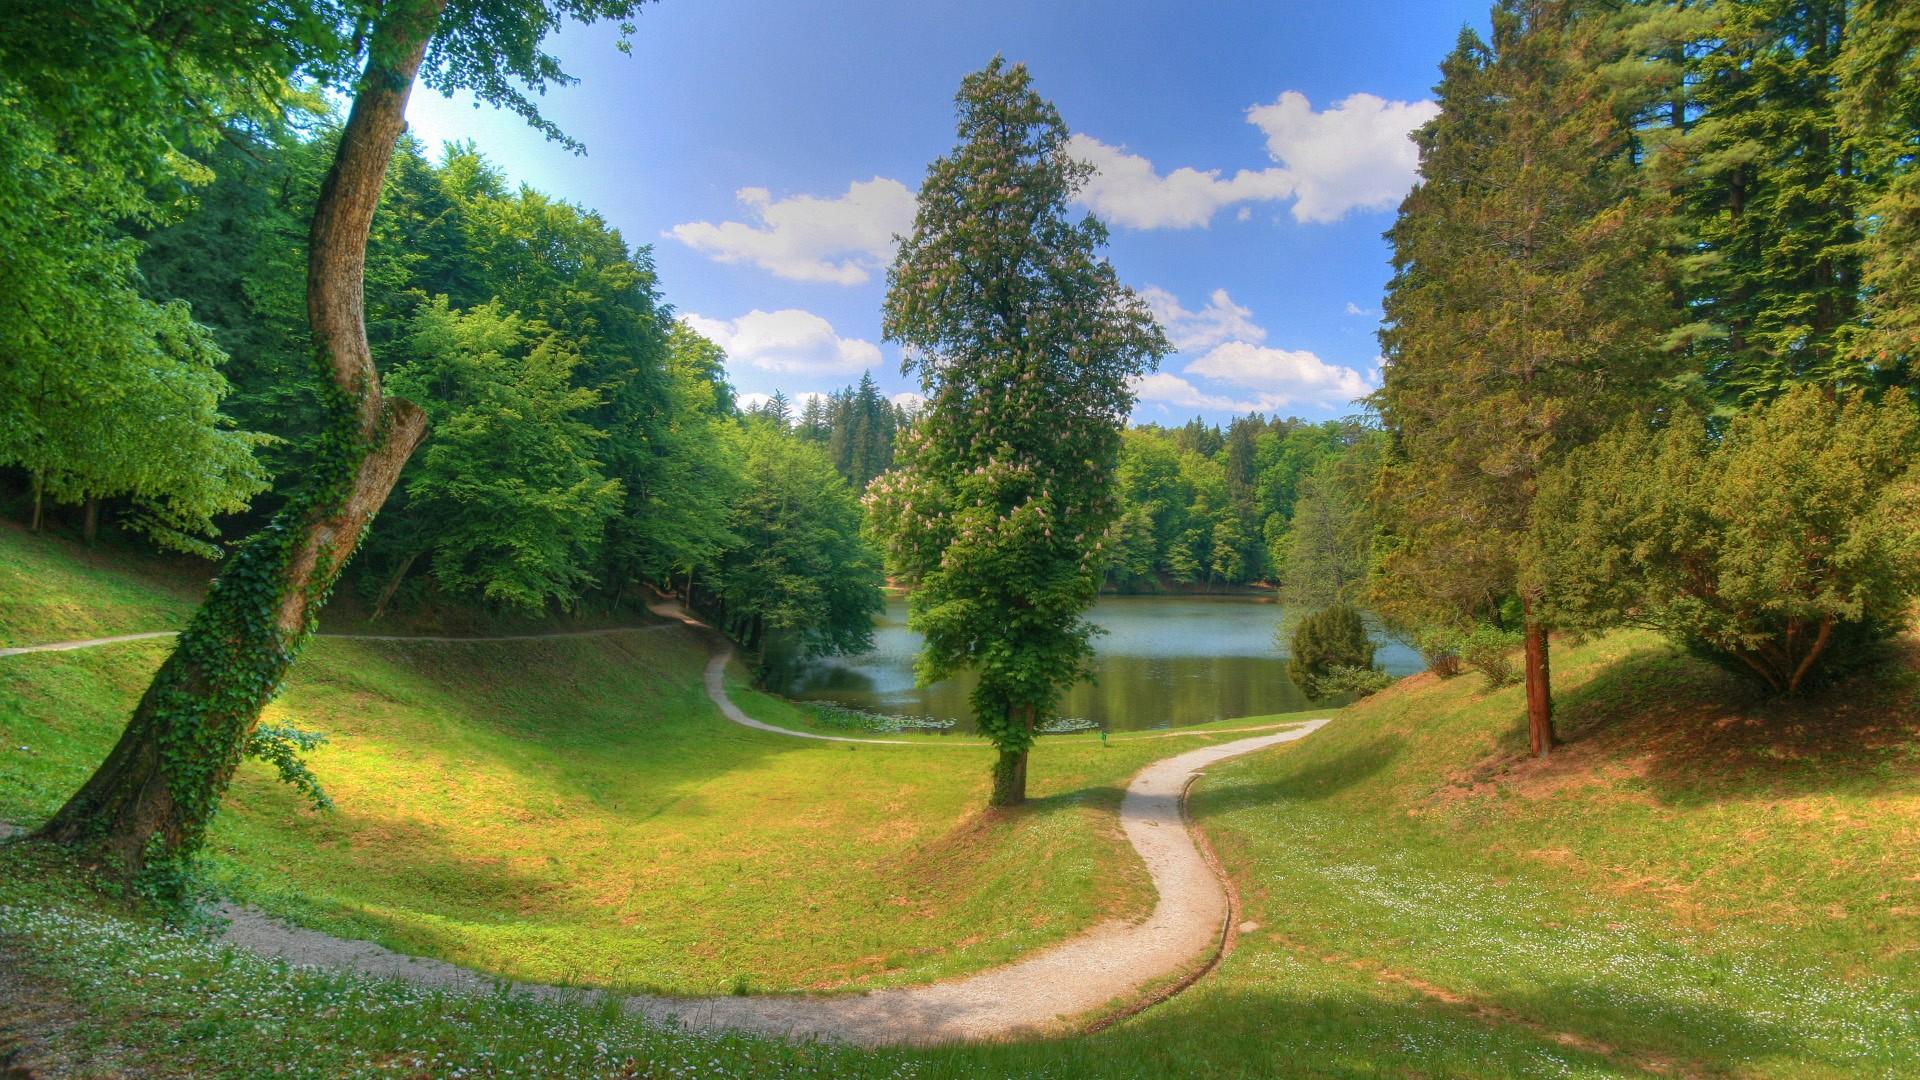 46 Beautiful Nature Wallpapers Hd On Wallpapersafari